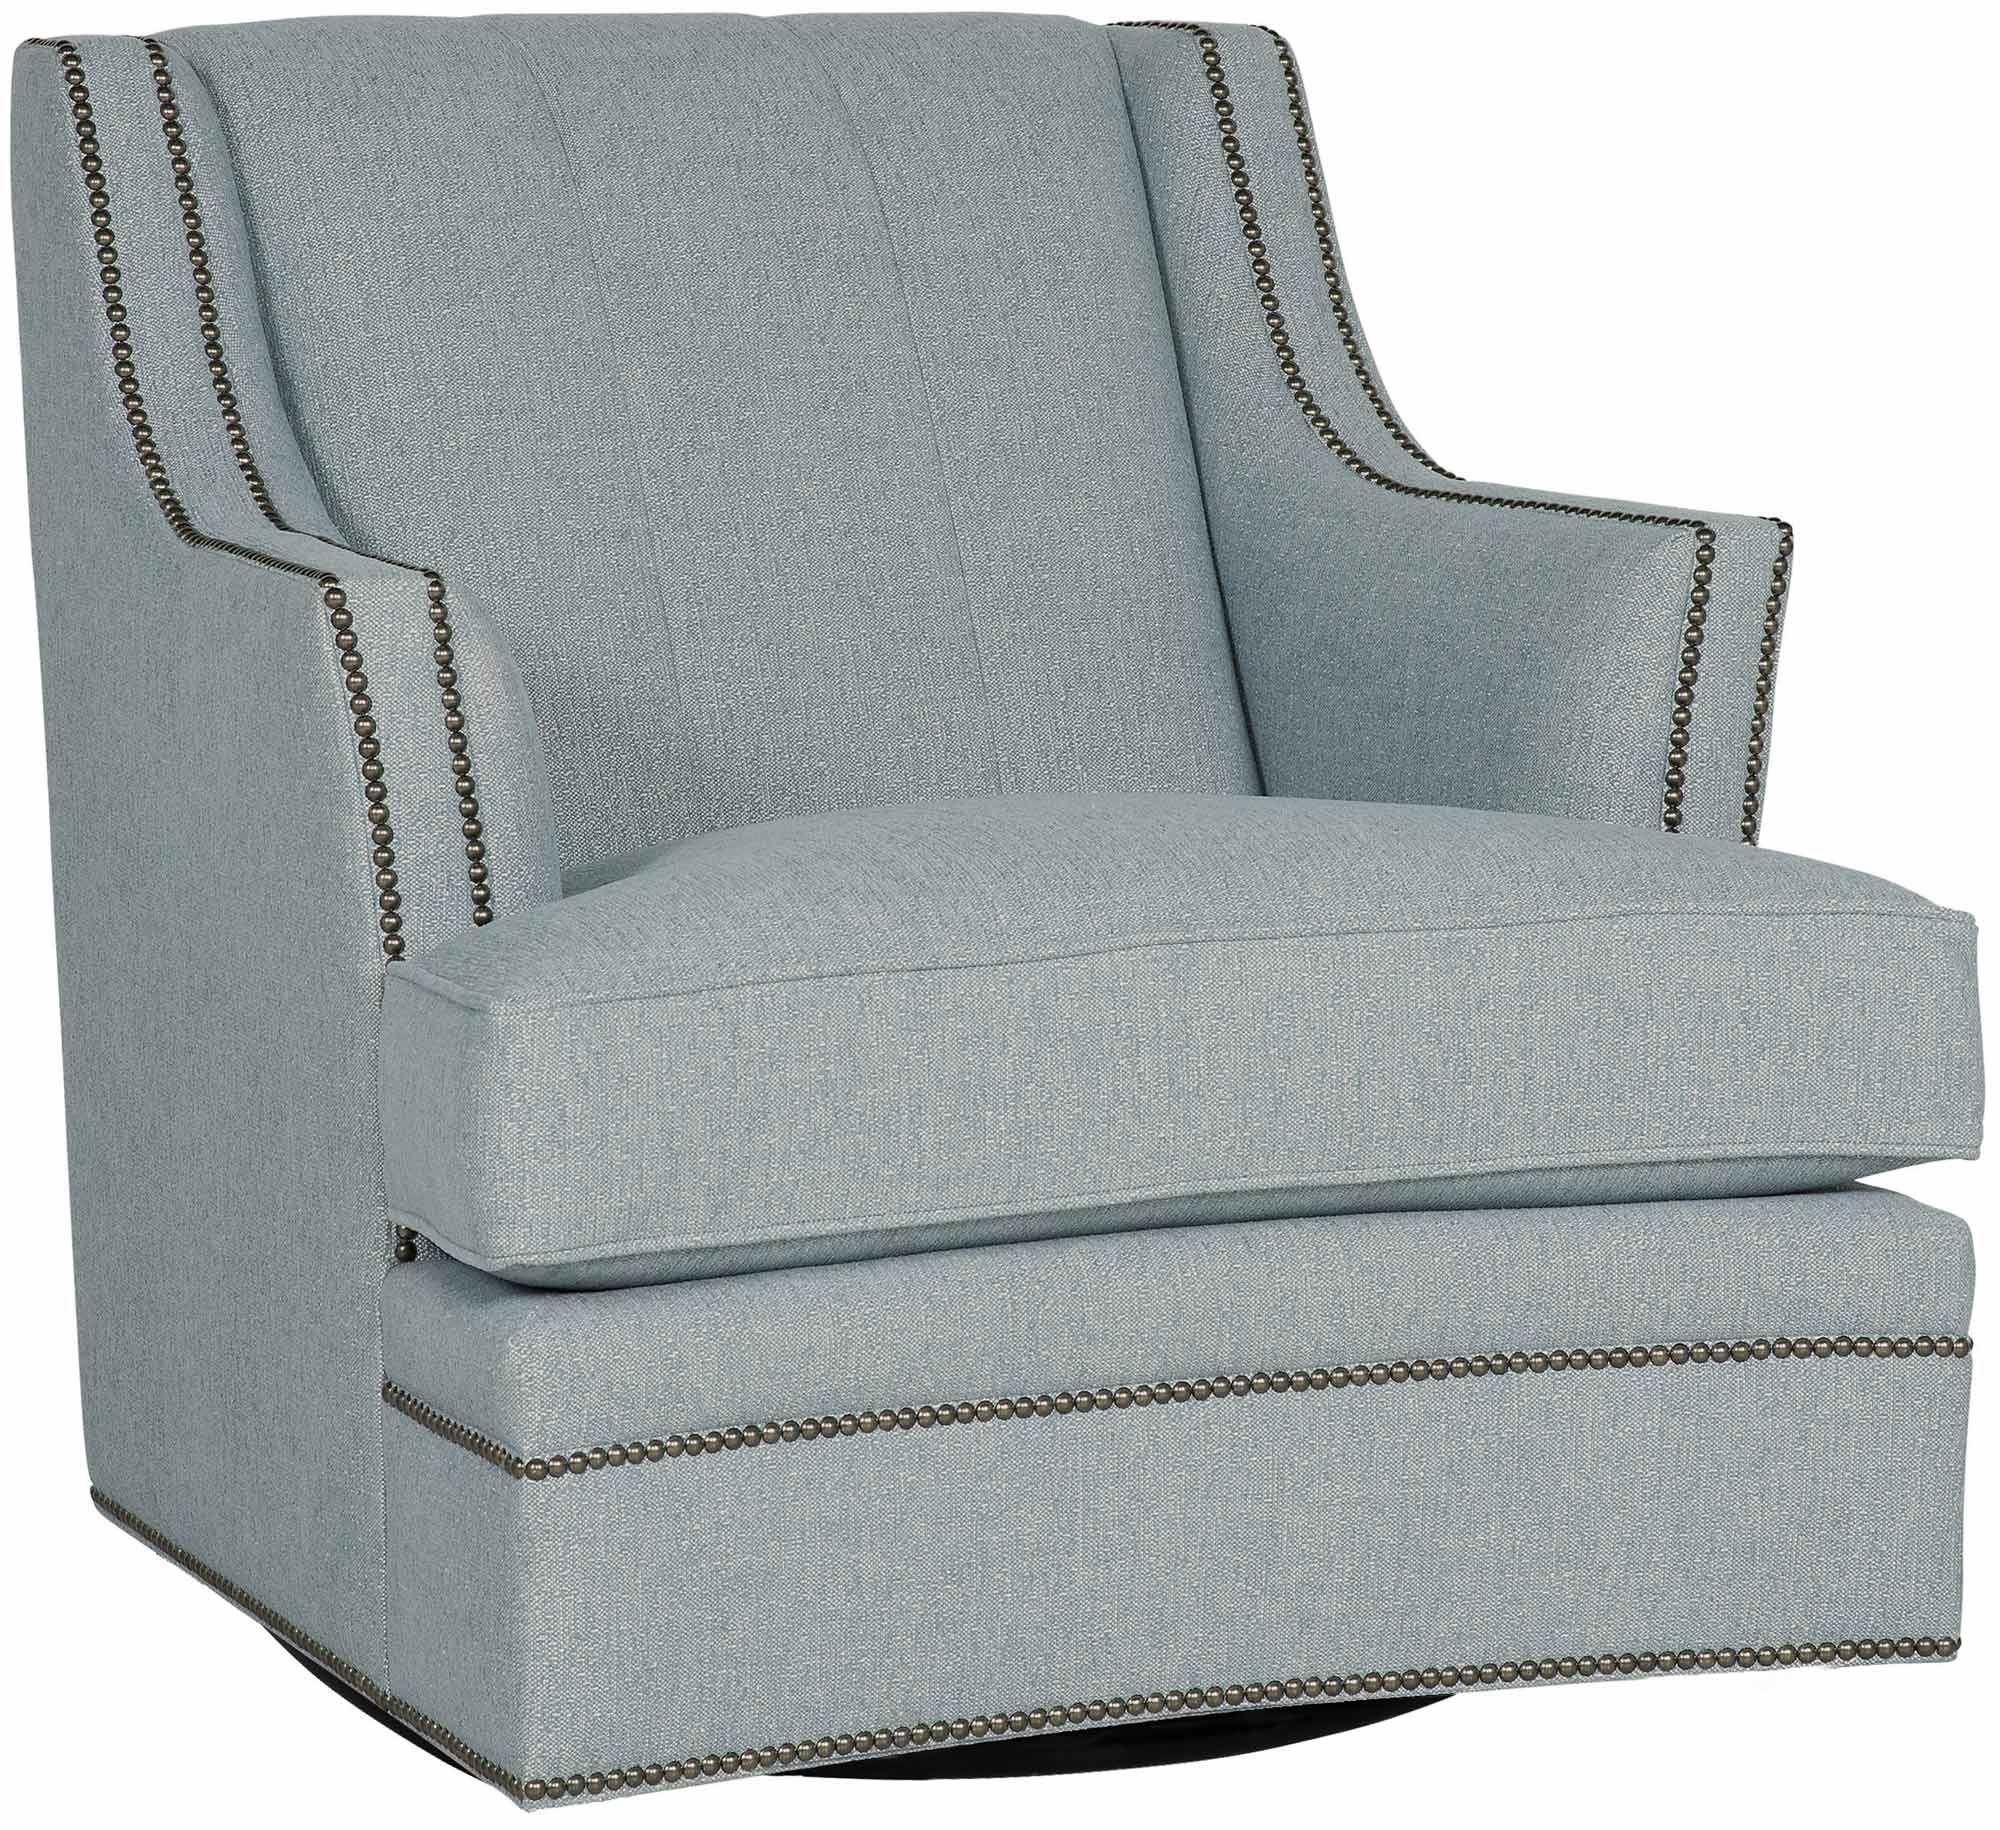 Astounding Swivel Chair Bernhardt Nevada Master Bedroom Swivel Pdpeps Interior Chair Design Pdpepsorg